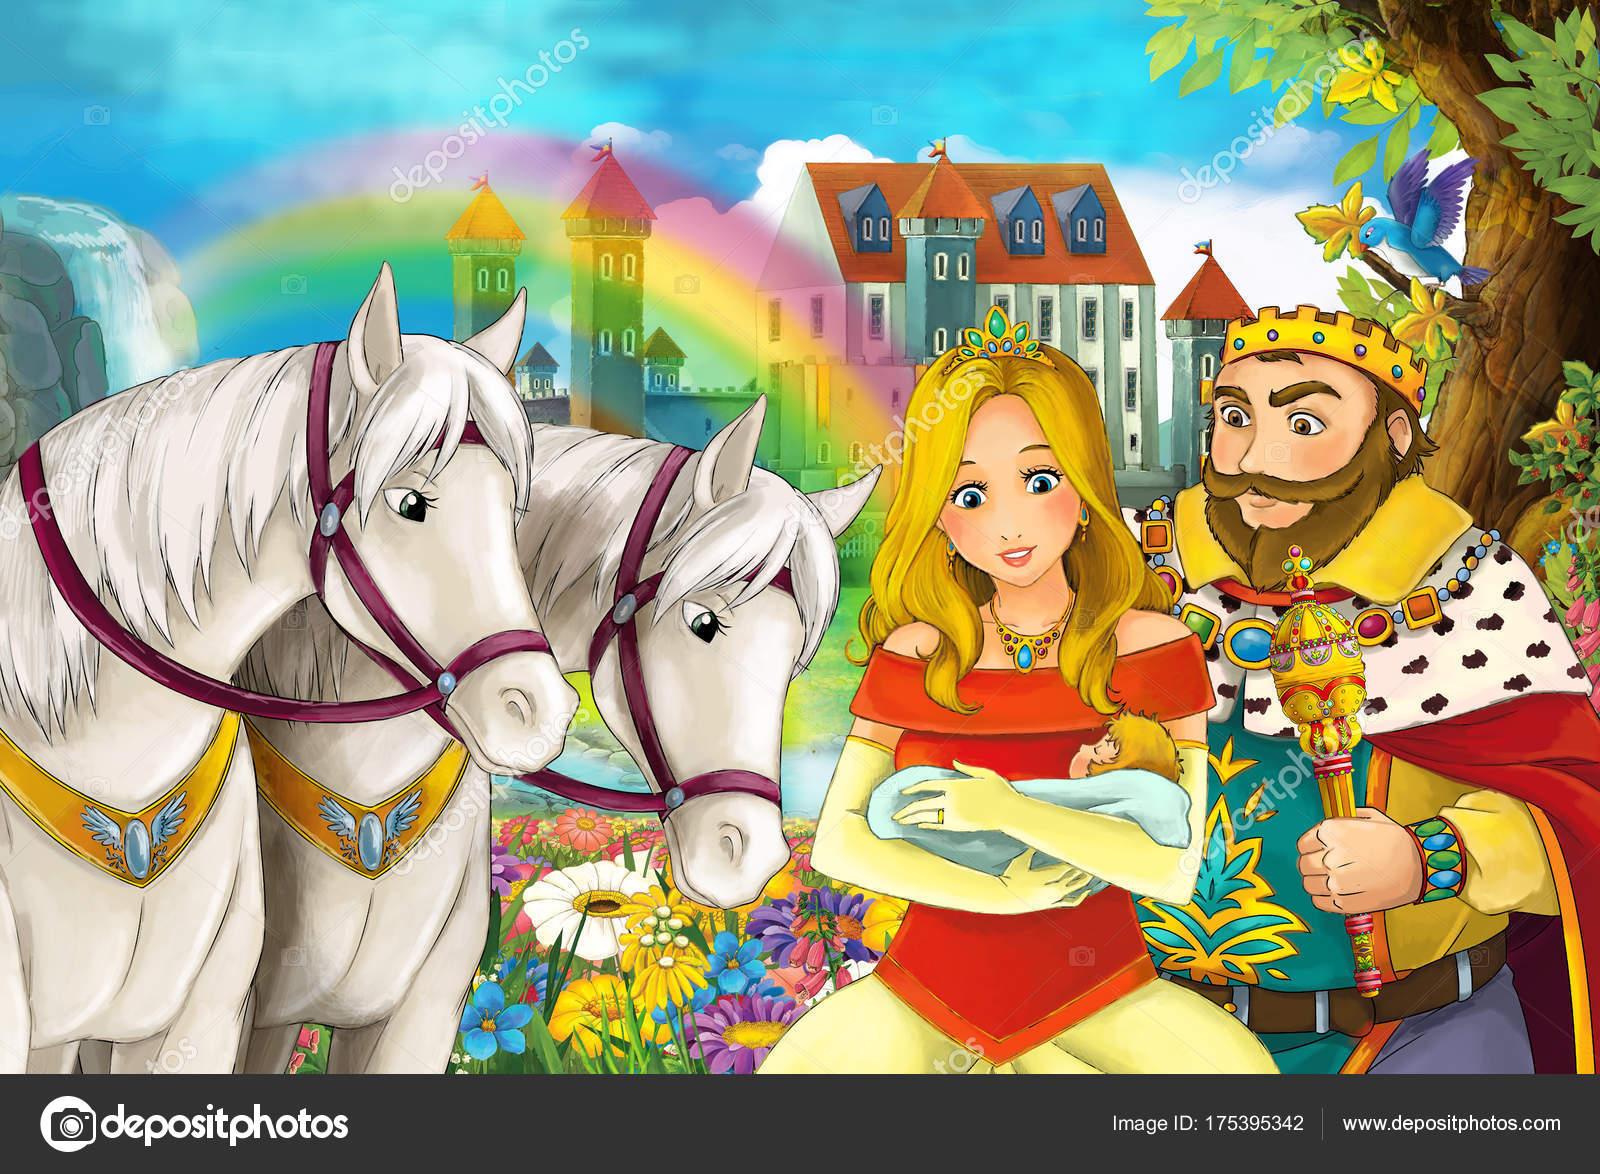 馬虹と若者の背景にある宮殿で結婚カップルの男と女の美しいペアで漫画の